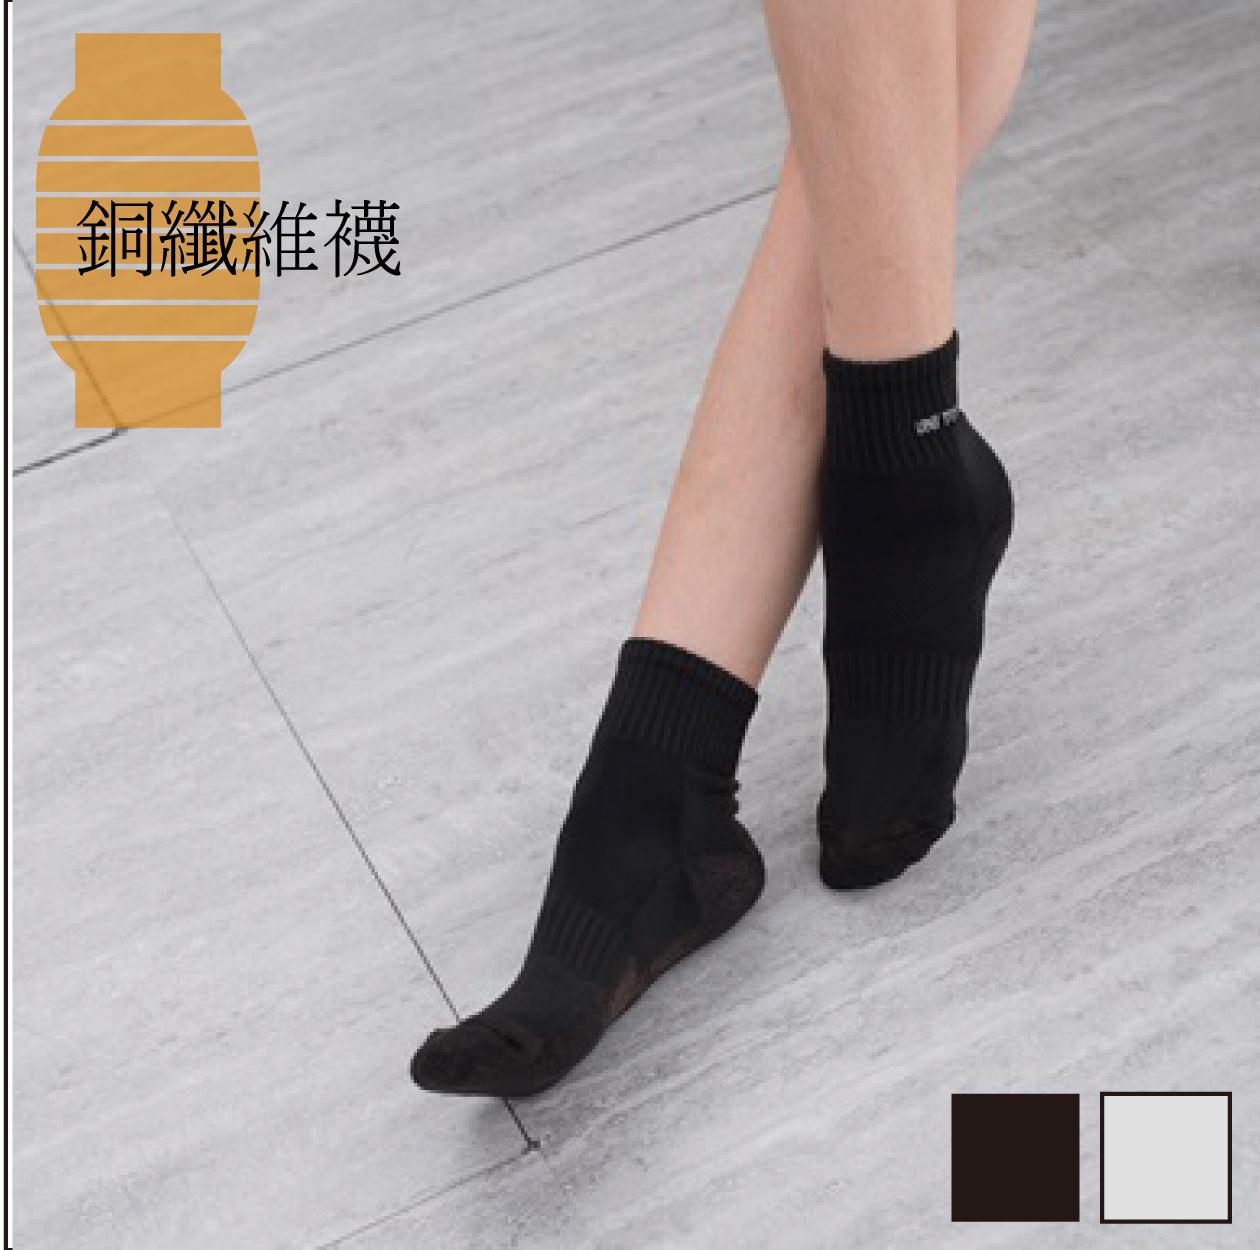 銅纖維環保氣墊襪(黑)